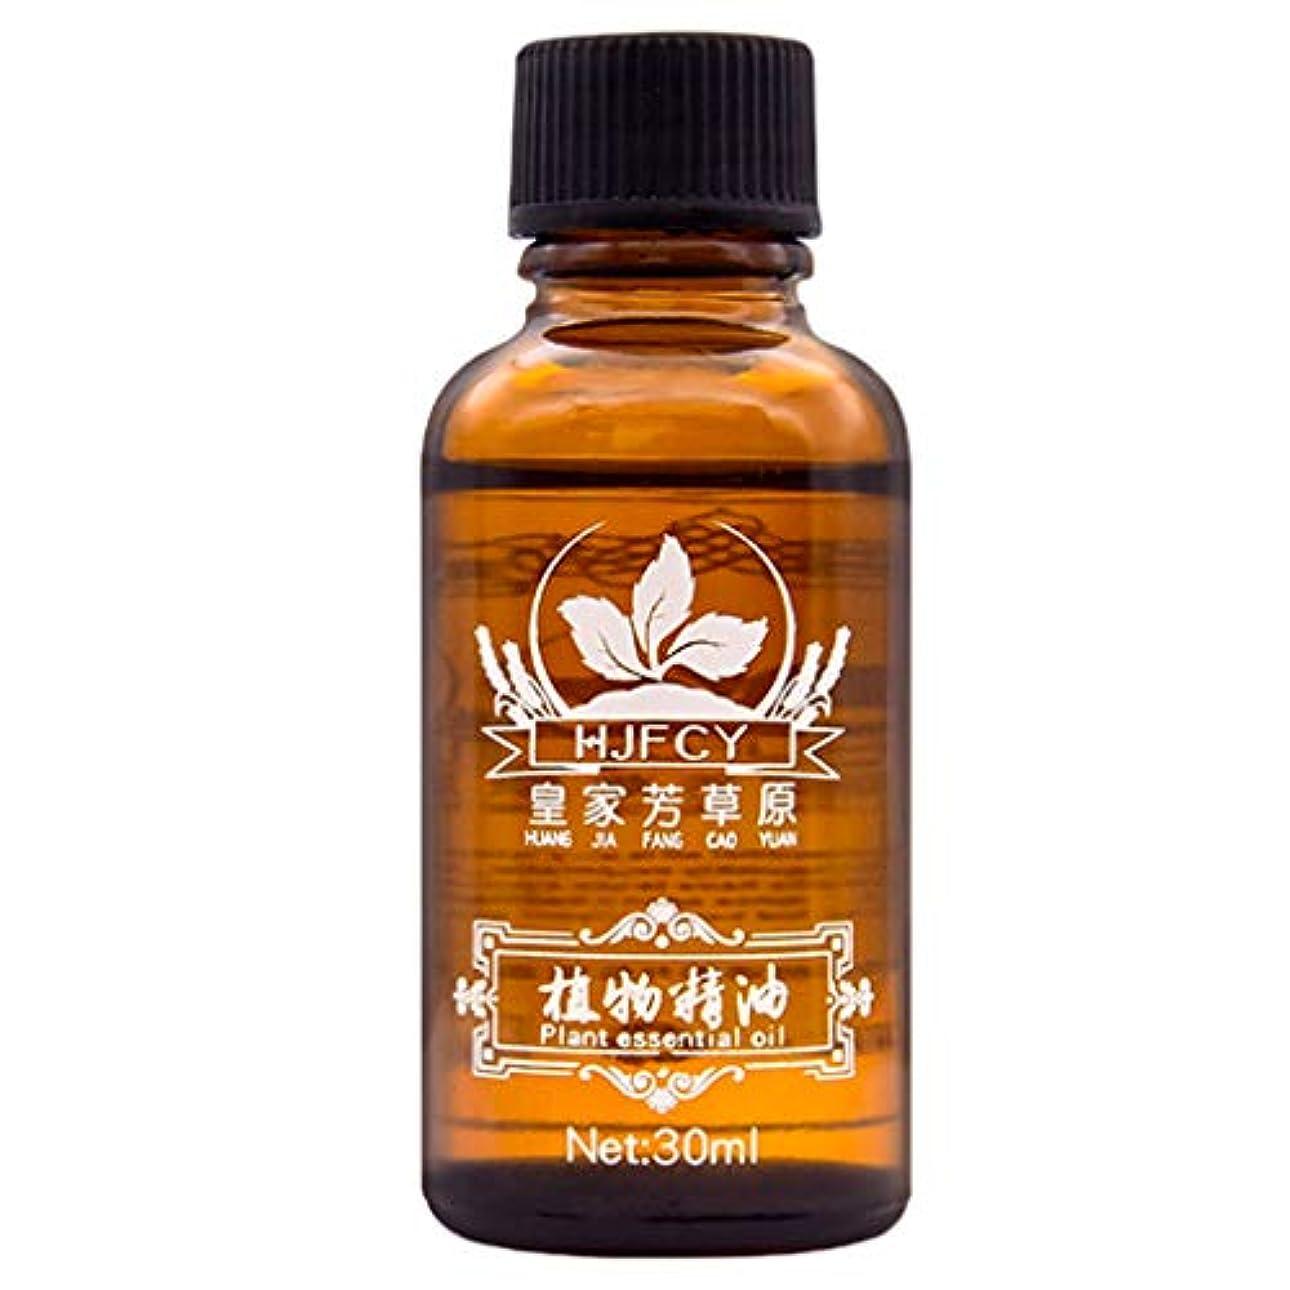 クスコ性交ひどくエッセンシャルオイル 昼用 夜用 アロマオイル 植物精油 30ミリリットル 高品質 4色選ぶ - ジャスミン